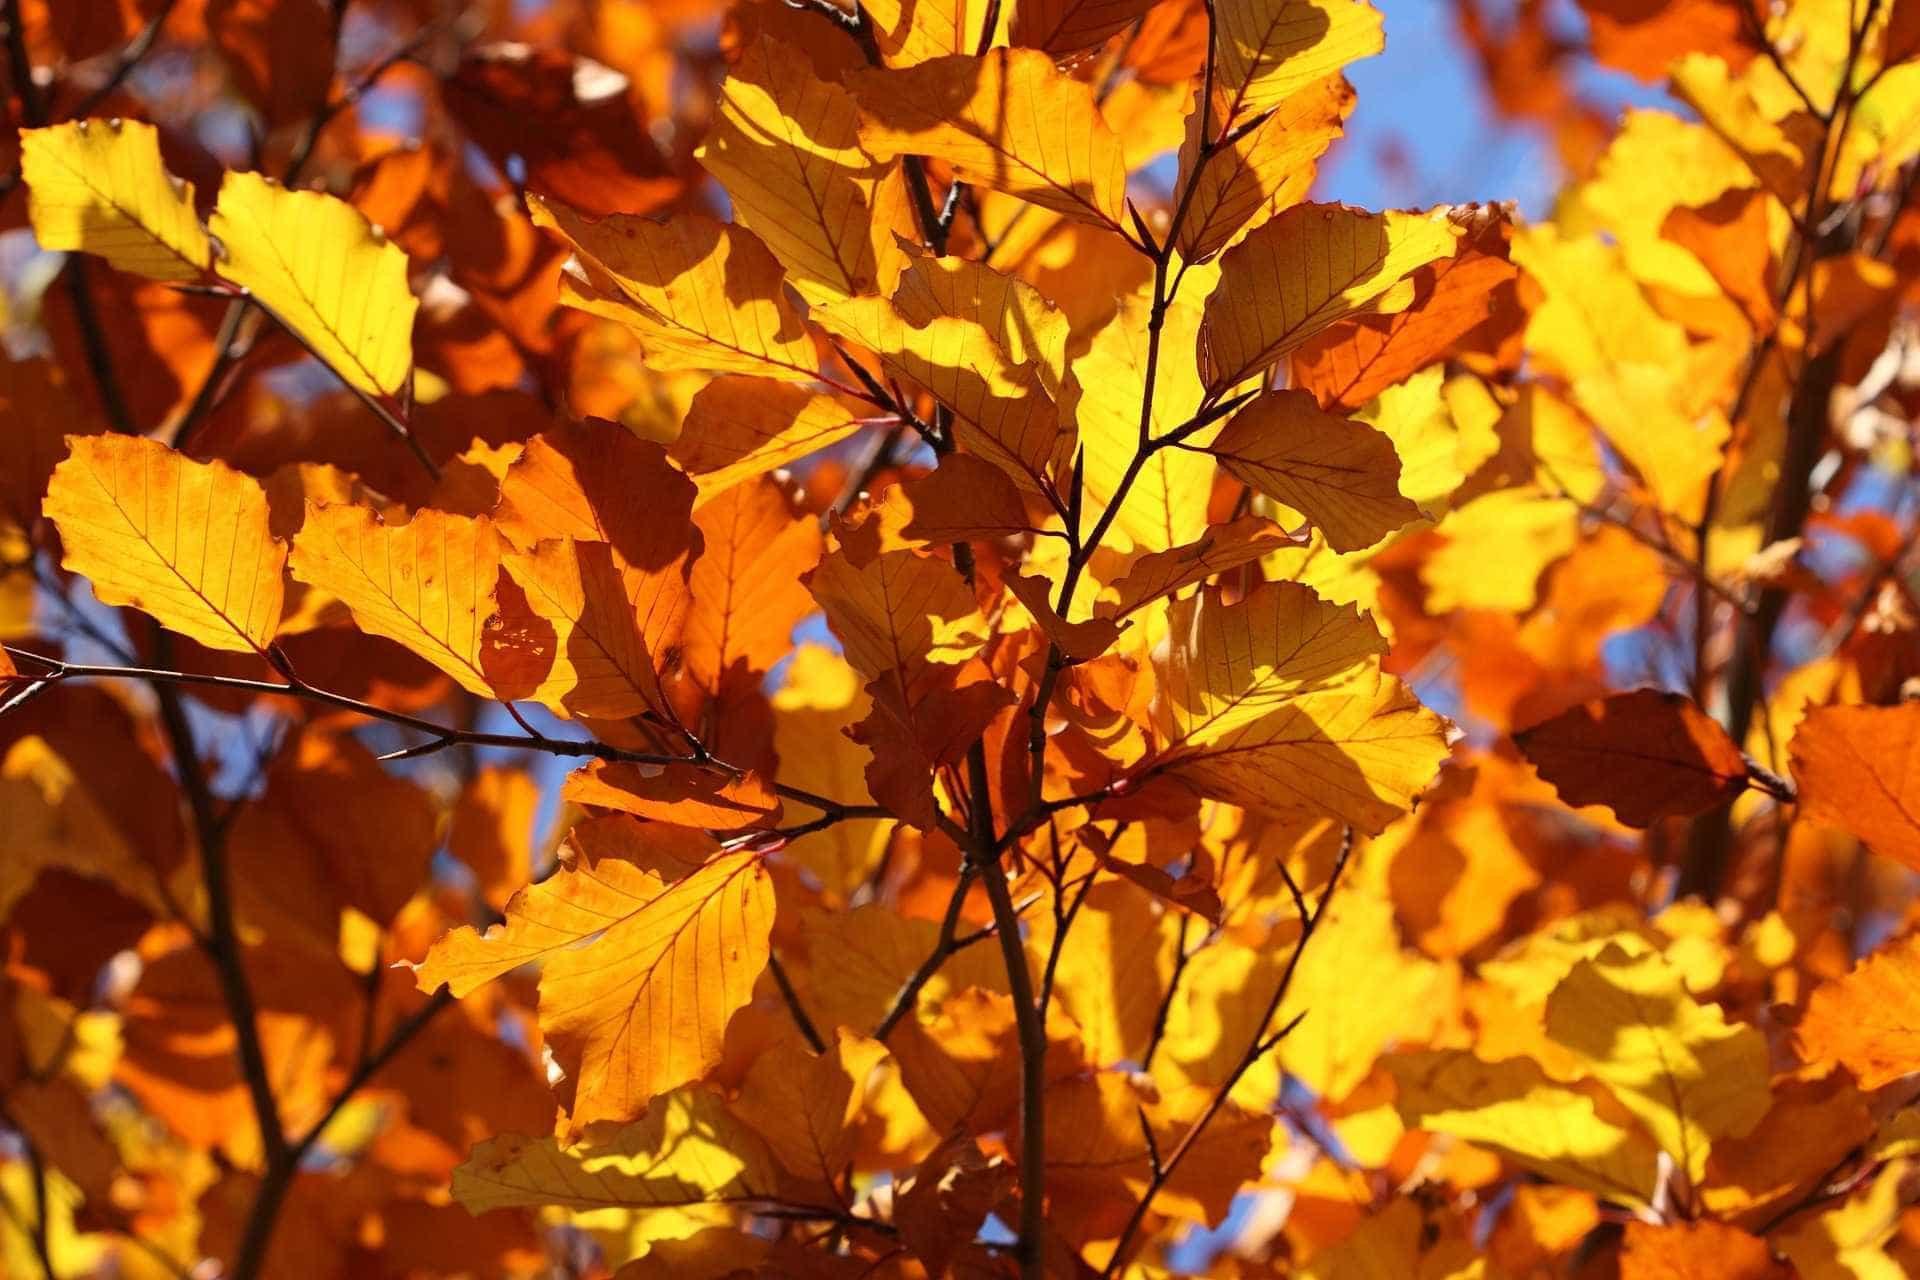 Outono começa nesta quarta-feira, com fraca influência do El Niño